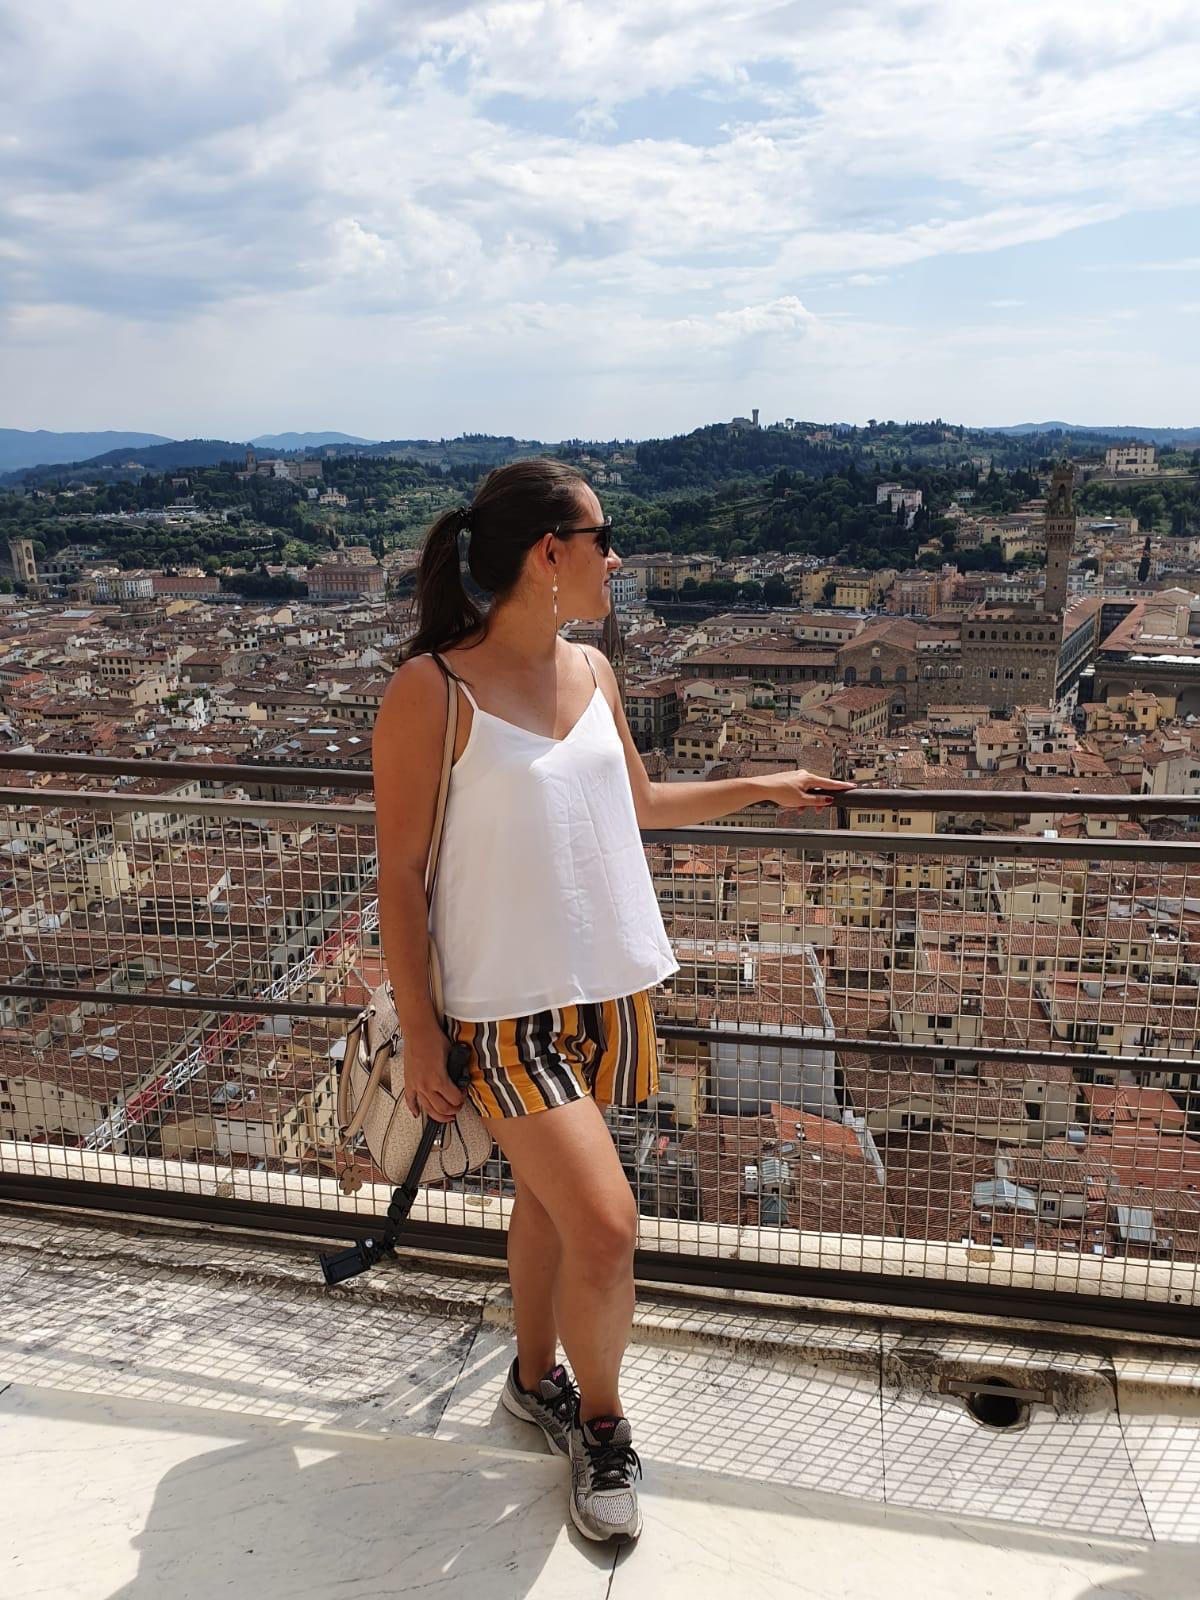 Vale a pena subir - Cada degrau vale essa vista linda!